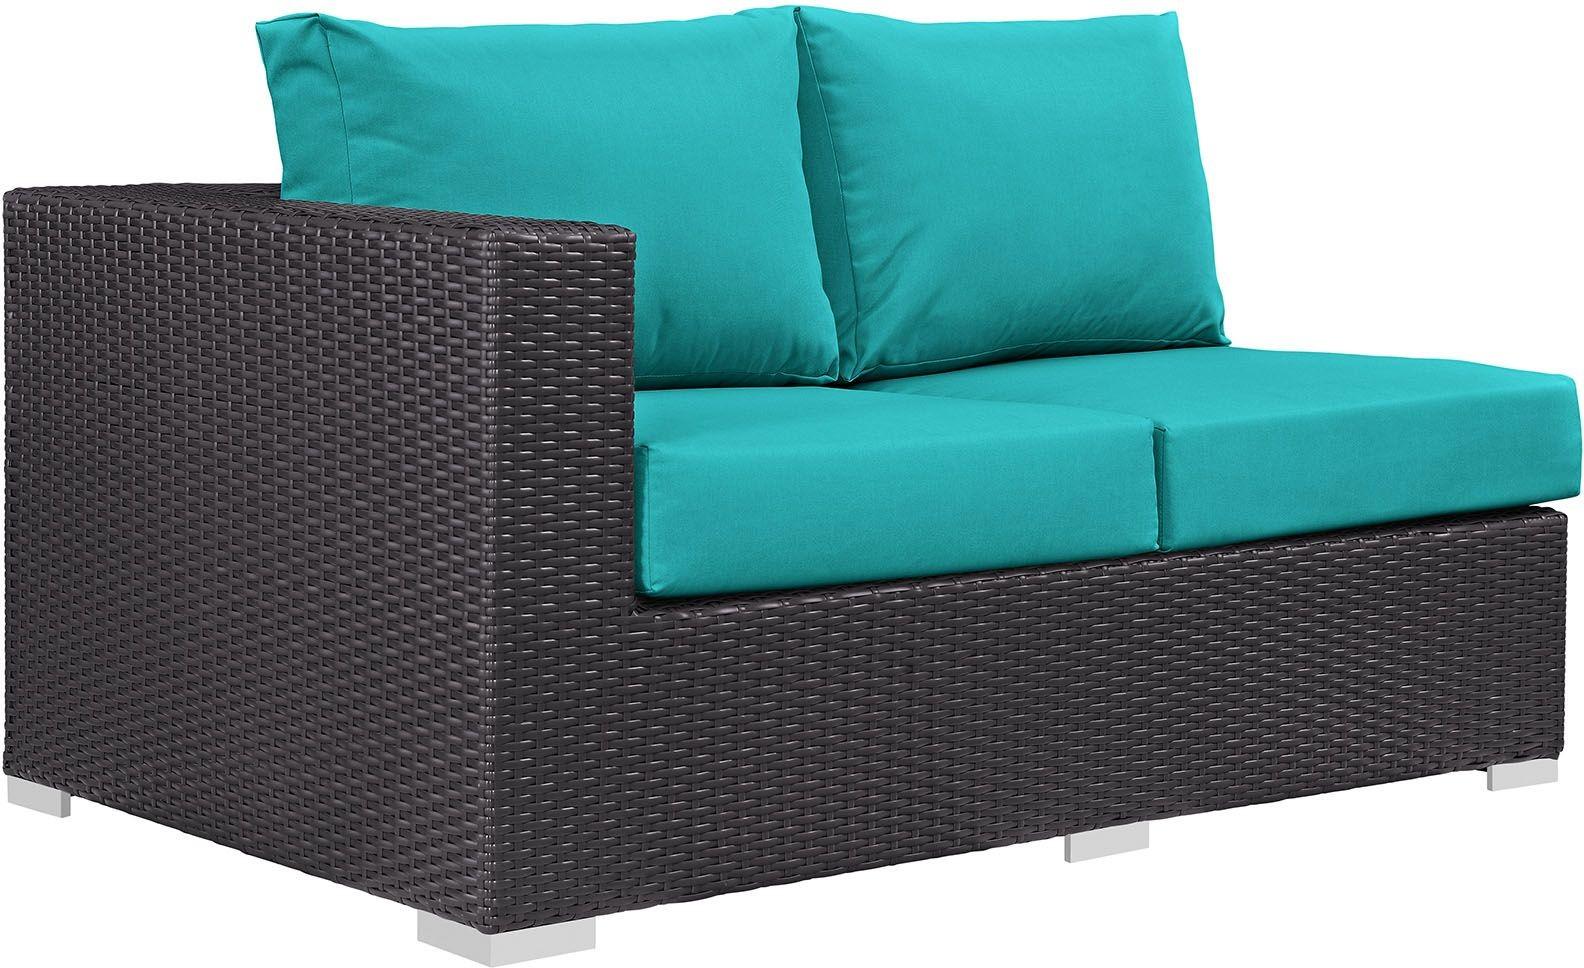 Convene Espresso Turquoise Outdoor Patio Laf Loveseat Eei 1842 Exp Trq Renegade Furniture